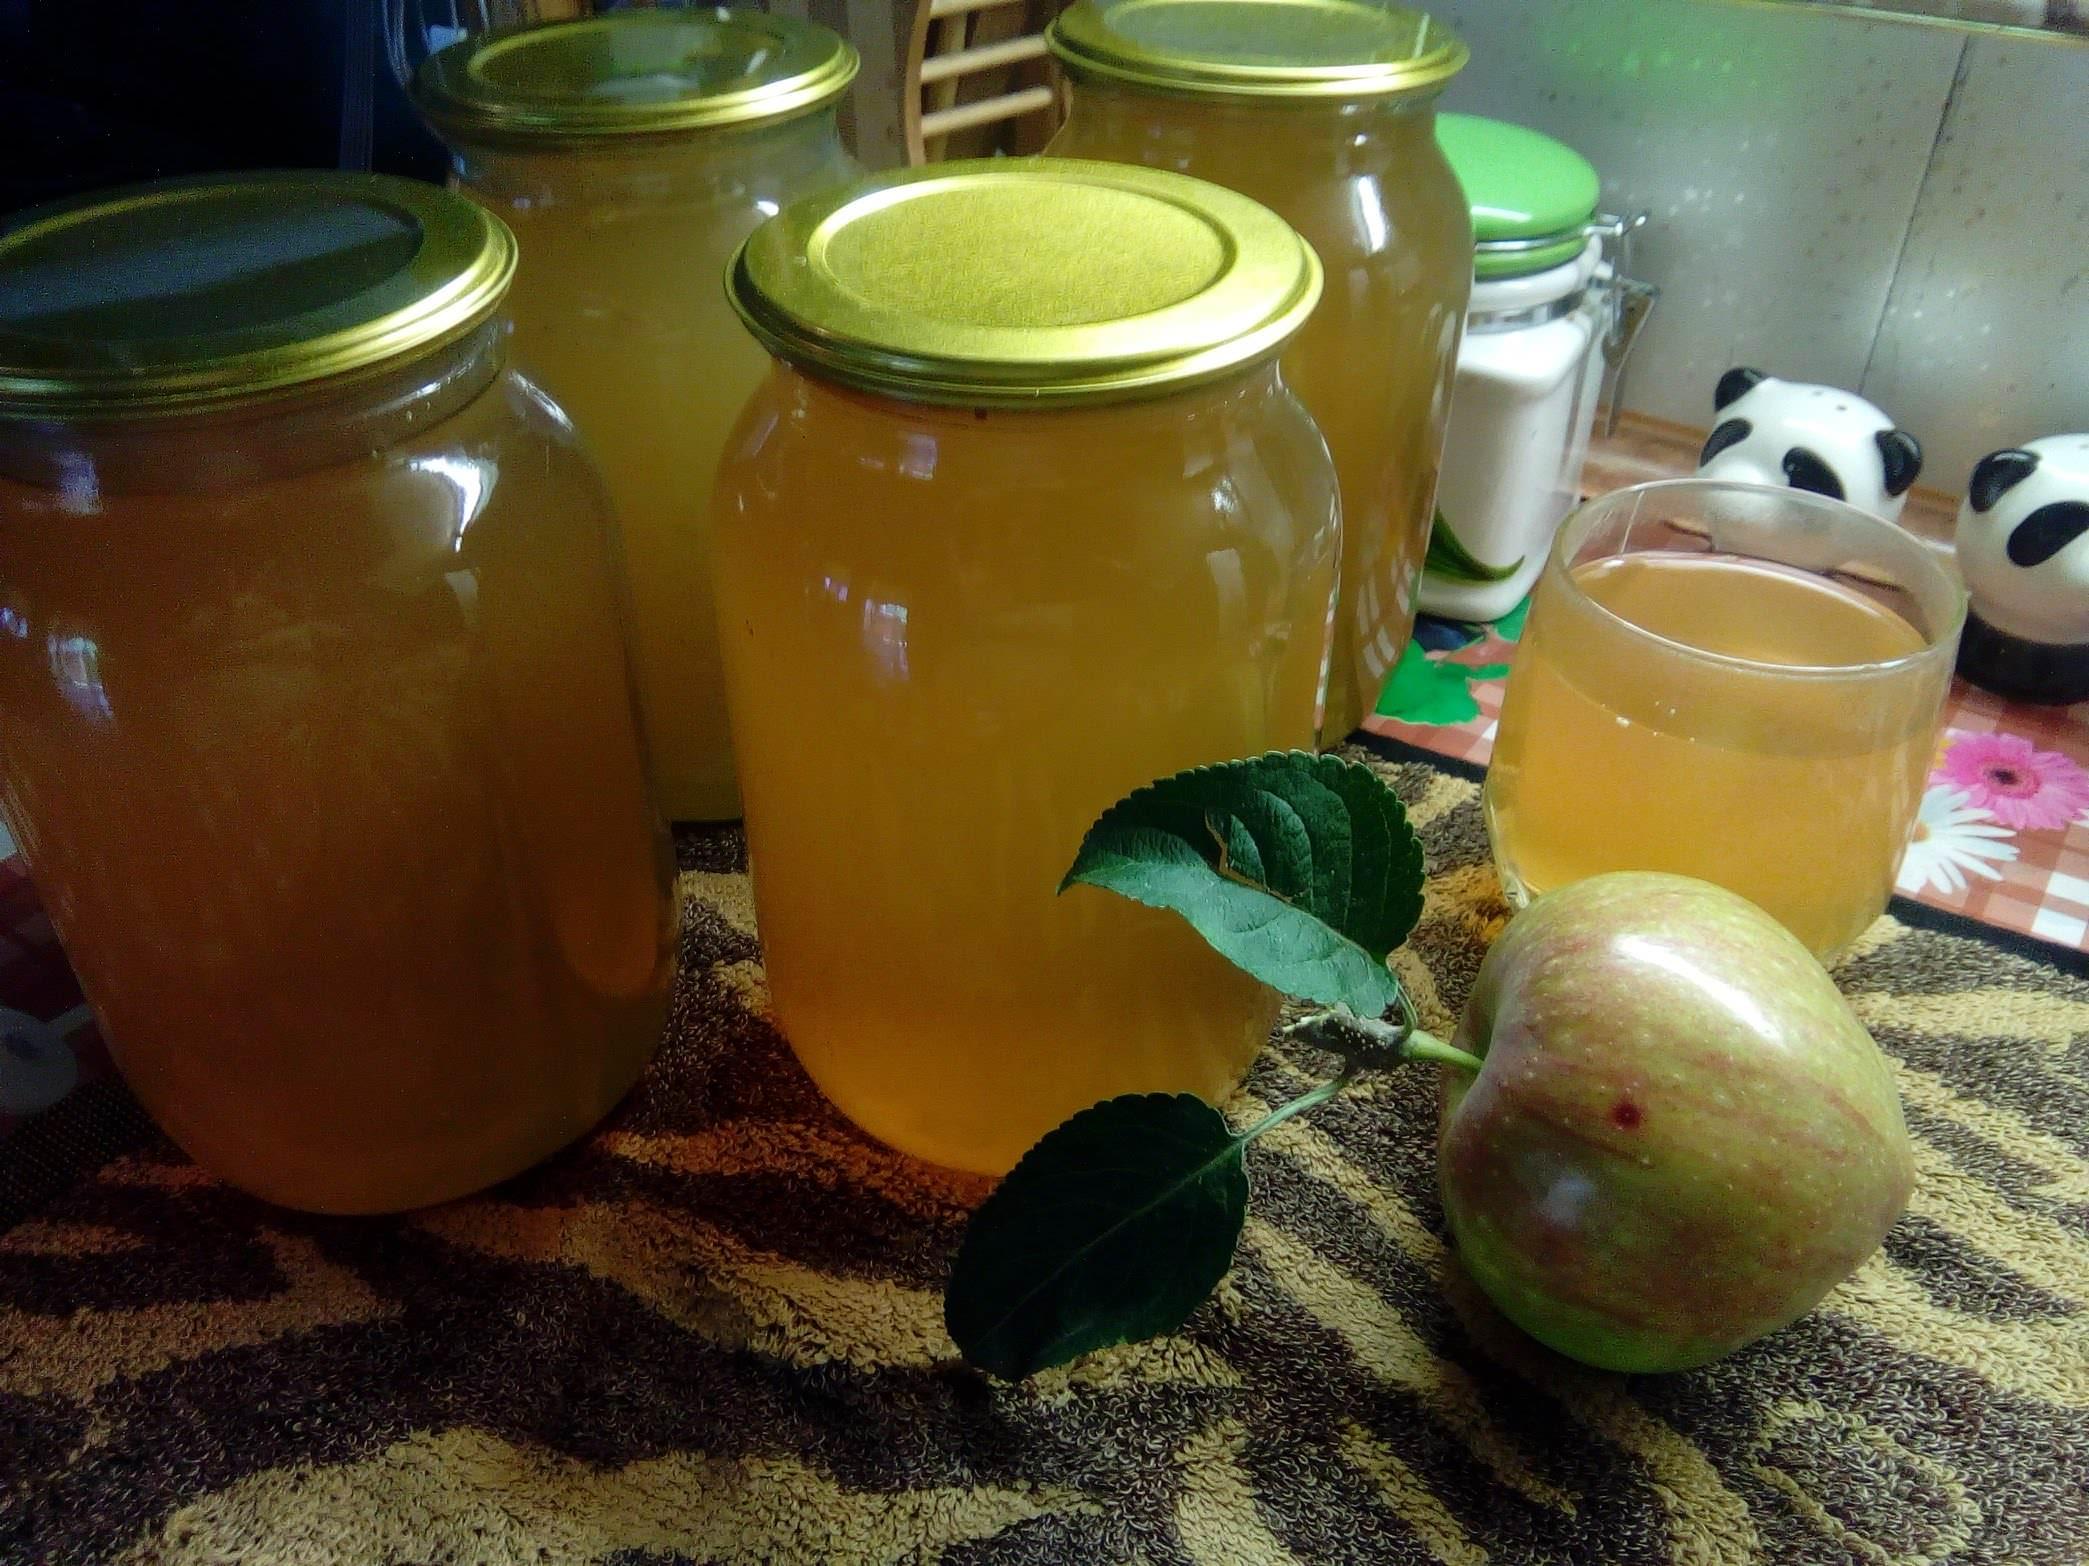 Закатка (консервация) березового сока в домашних условиях: рецепты как закатать с лимоном и апельсином, с лимонной кислотой